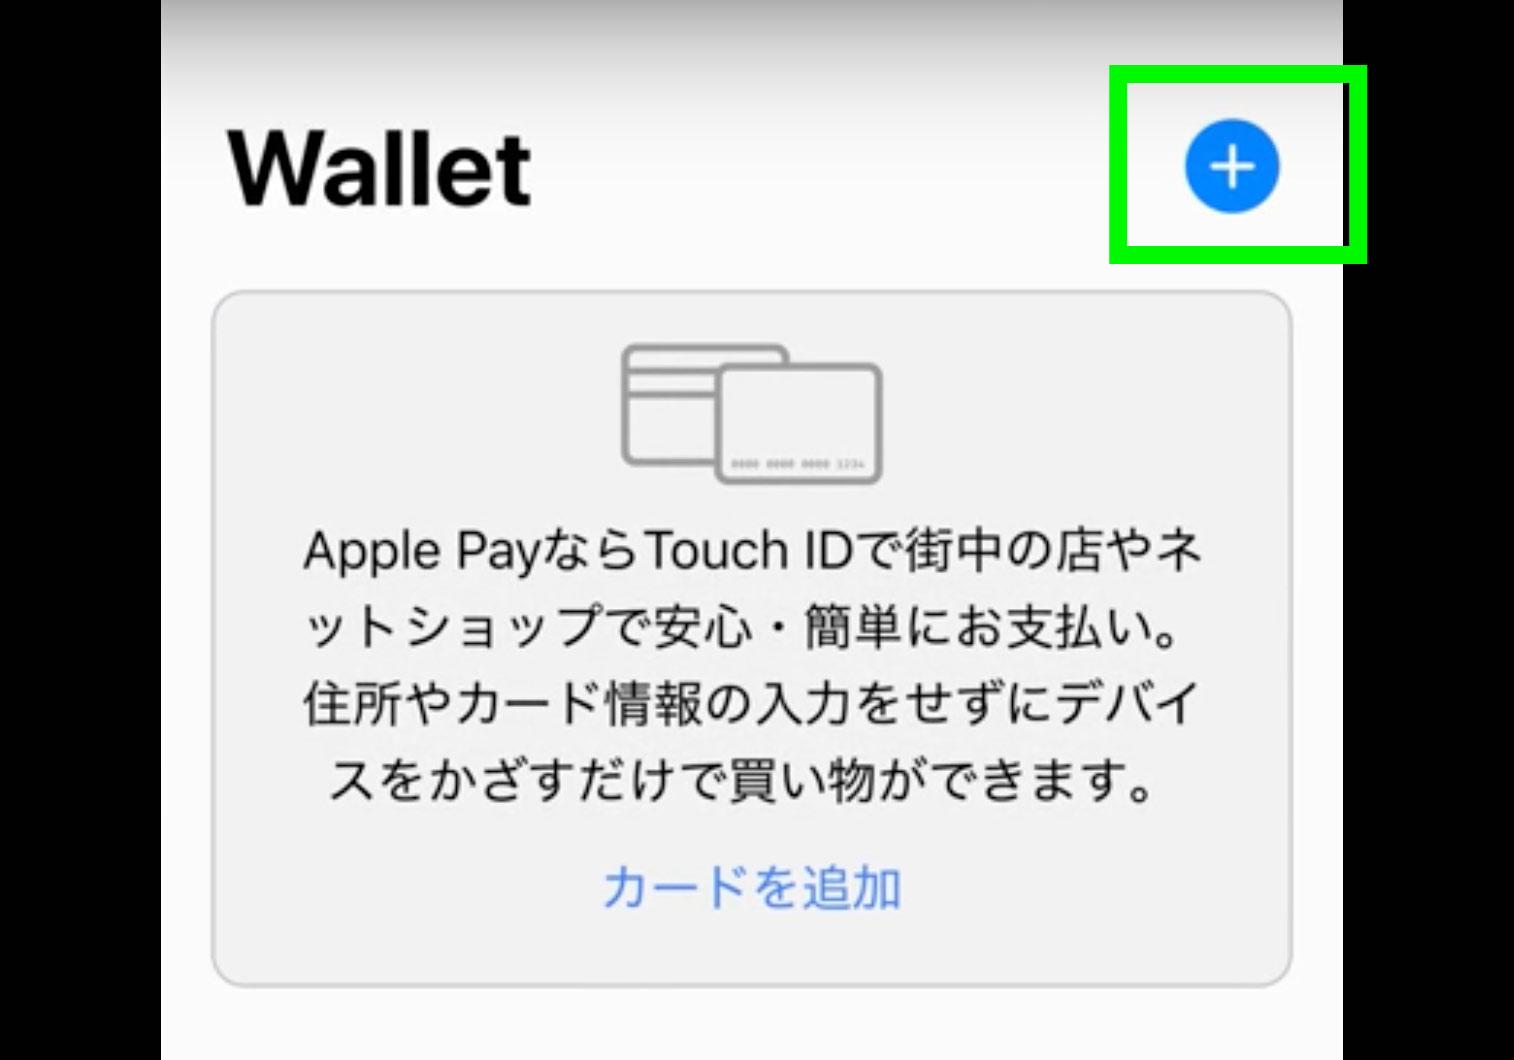 walletアプリ設定の画像